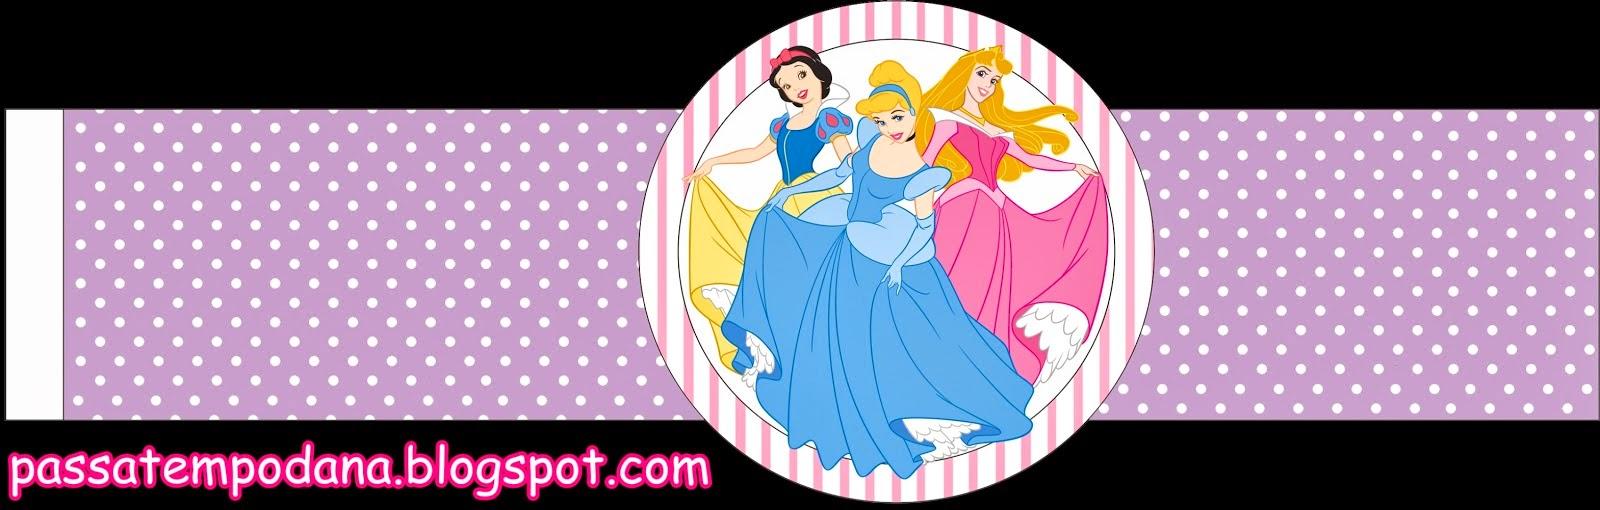 Disney Princess Birthday: Free Party Printable.